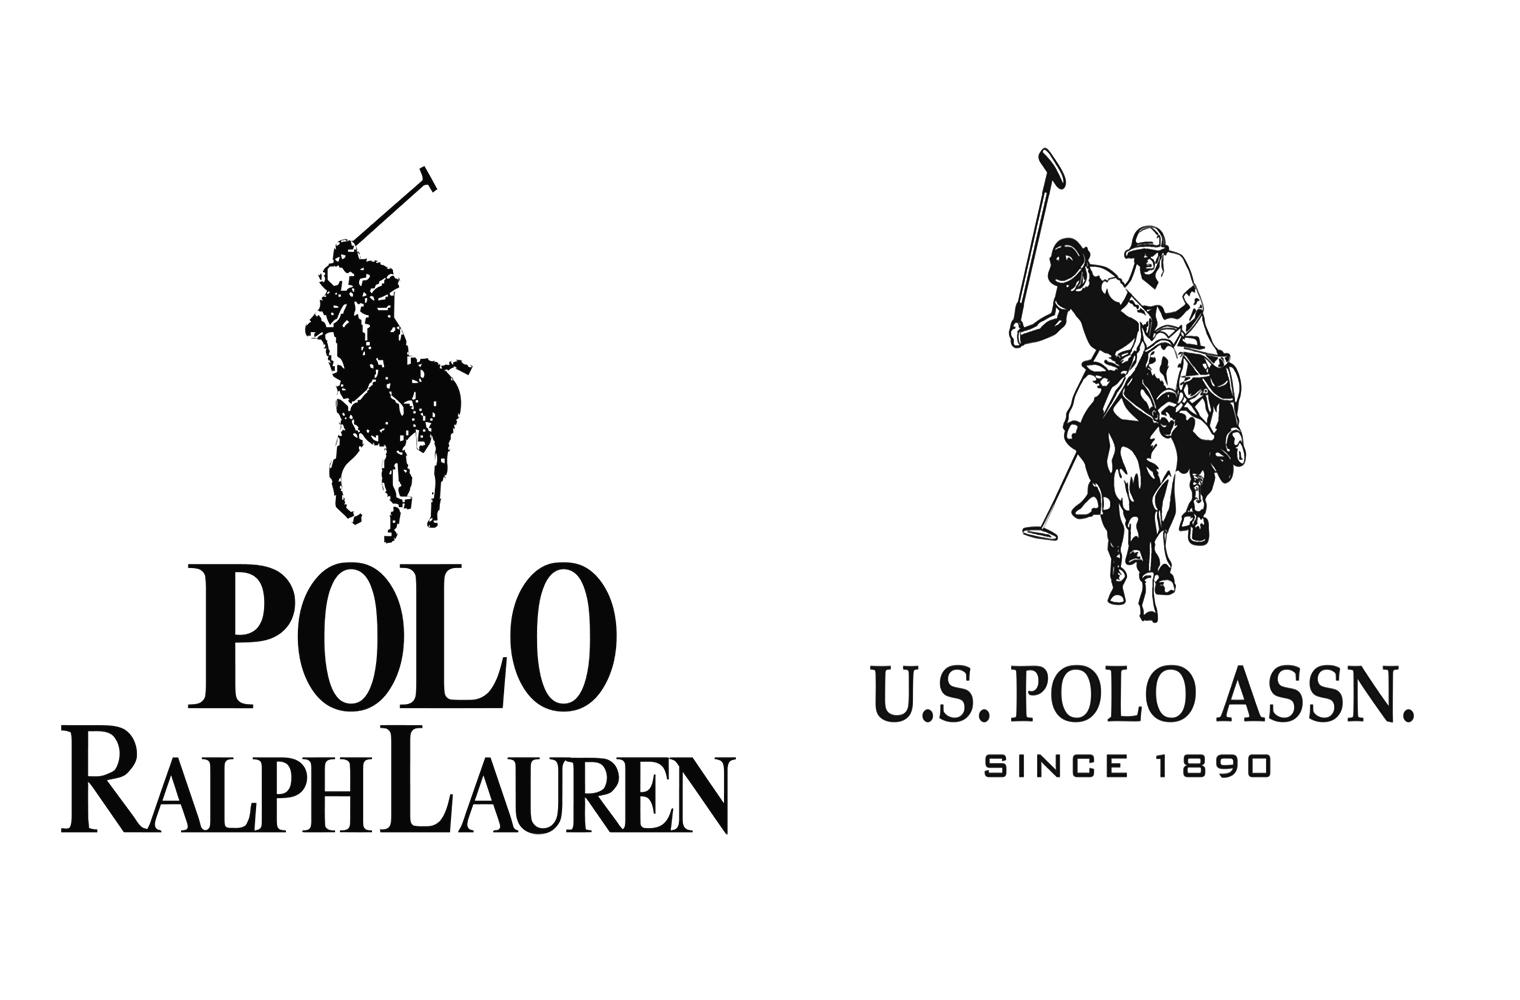 Polo Ralph Lauren vs U.S. Polo Assn